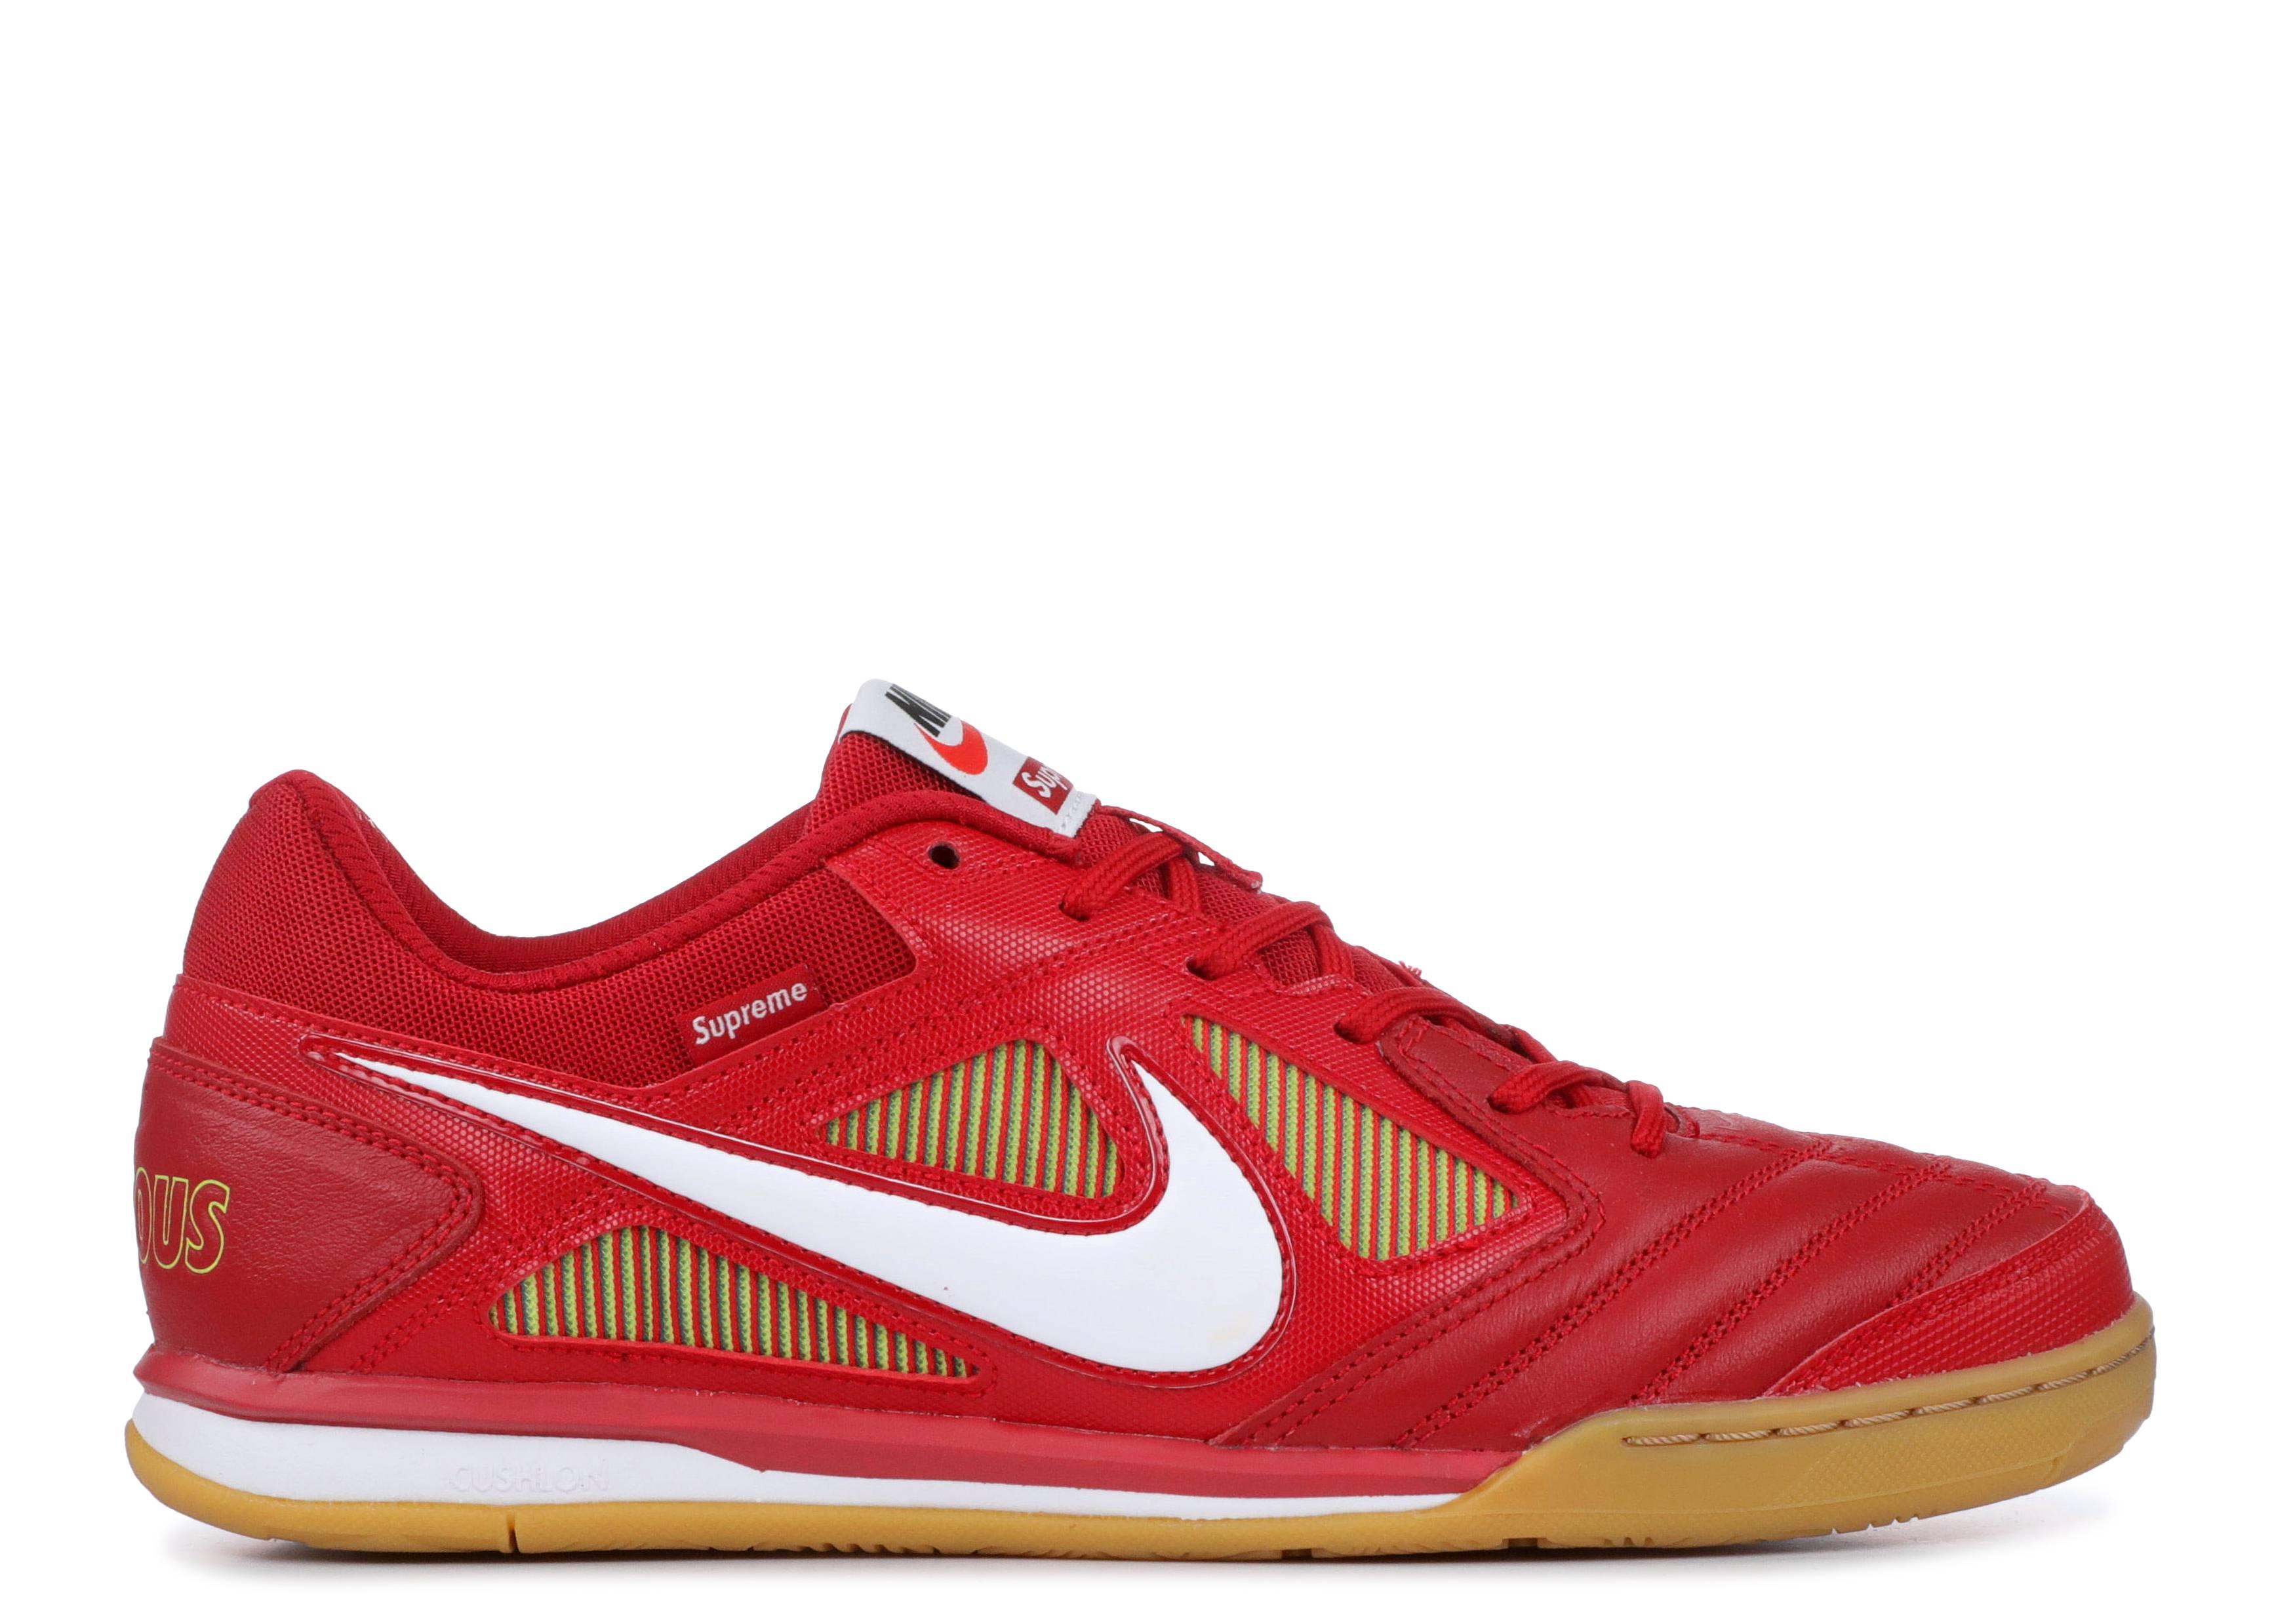 8020468e0eb4 Other Skateboarding - Nike Skateboarding - Nike